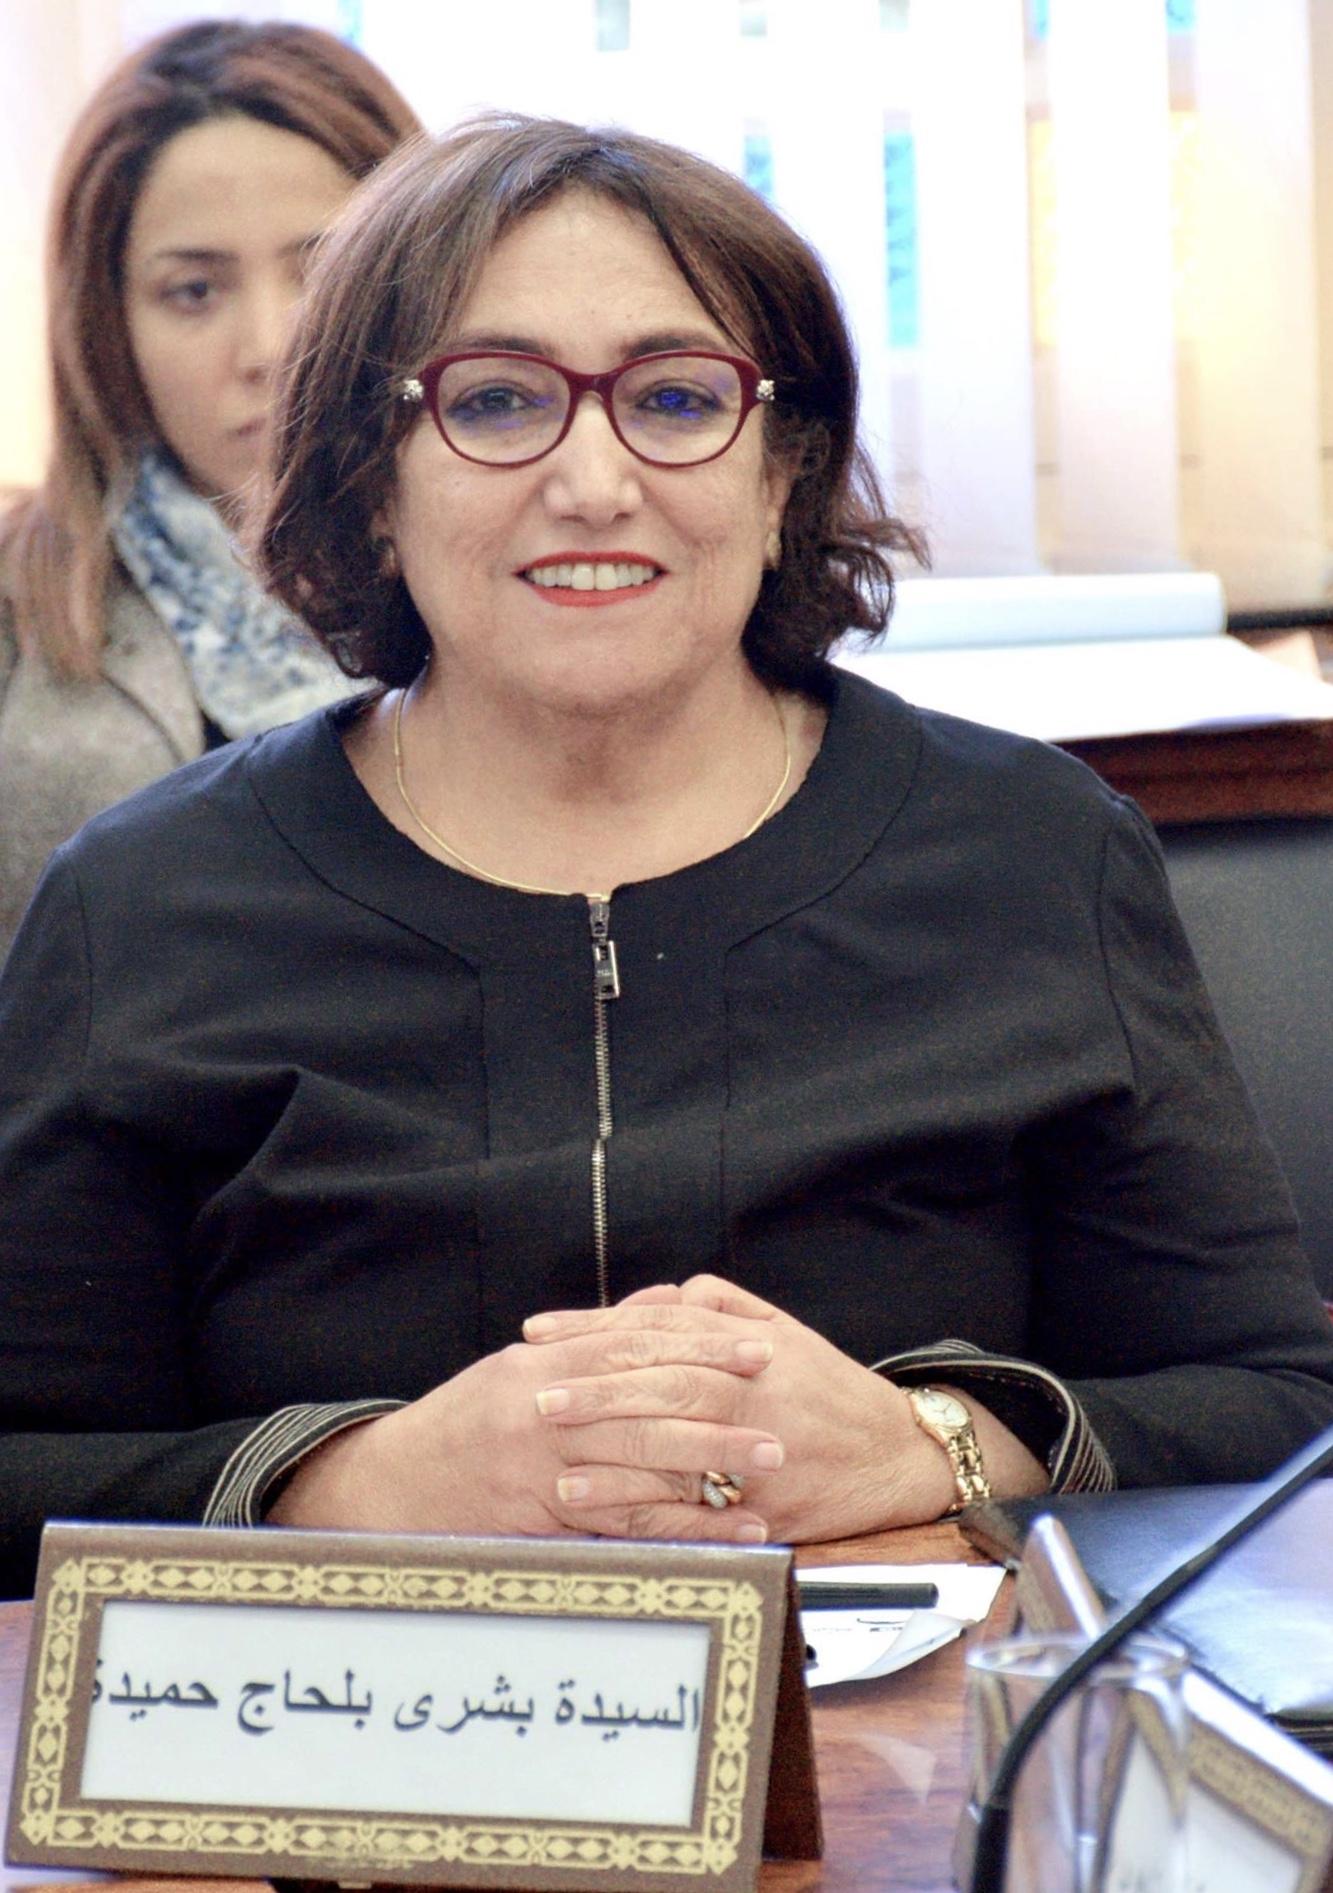 Bochra Belhaj Hmida Sahli